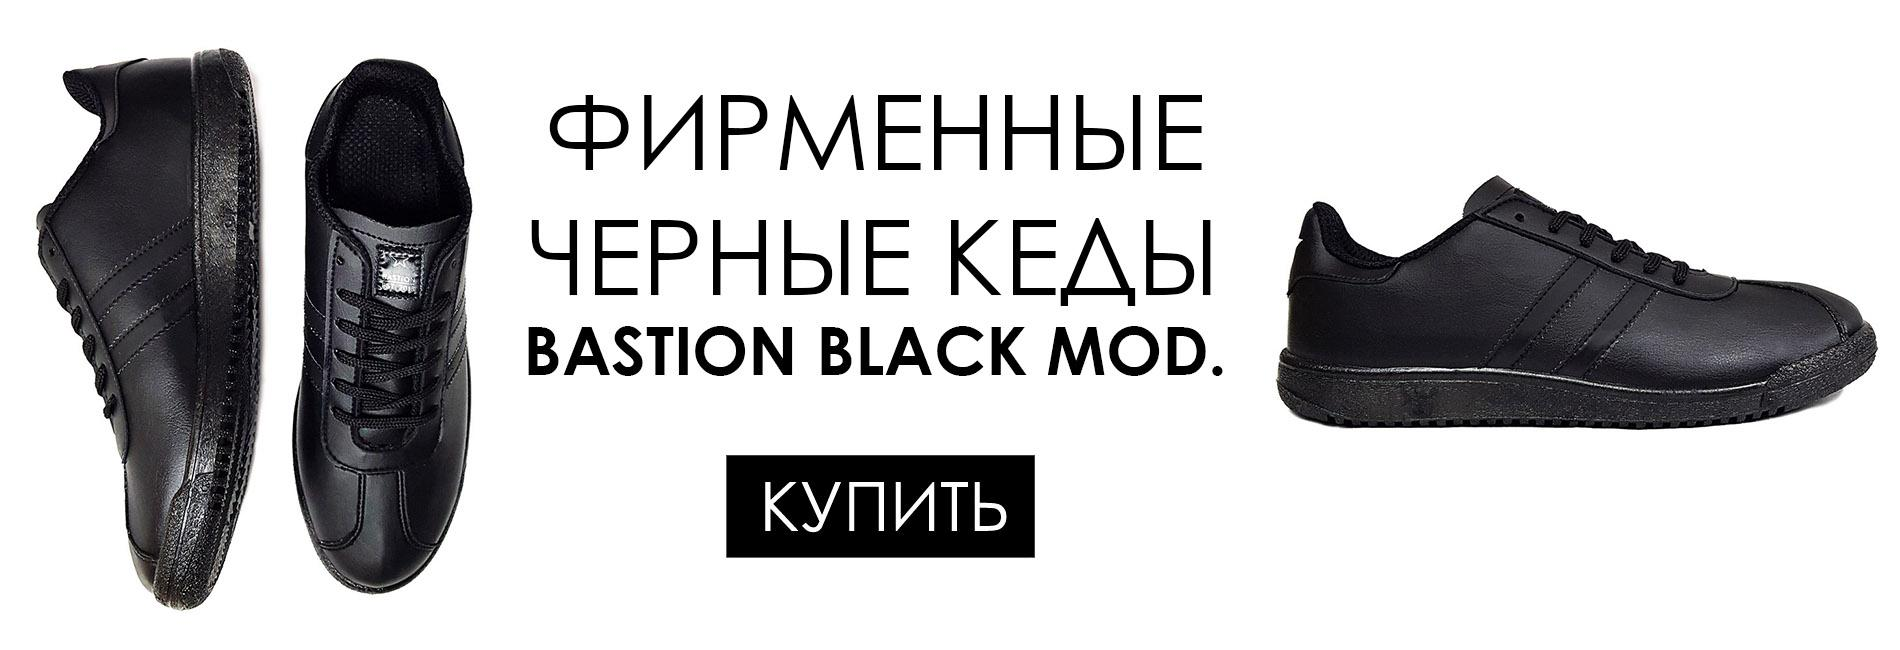 Фирменные кеды Bastion Black Mod.